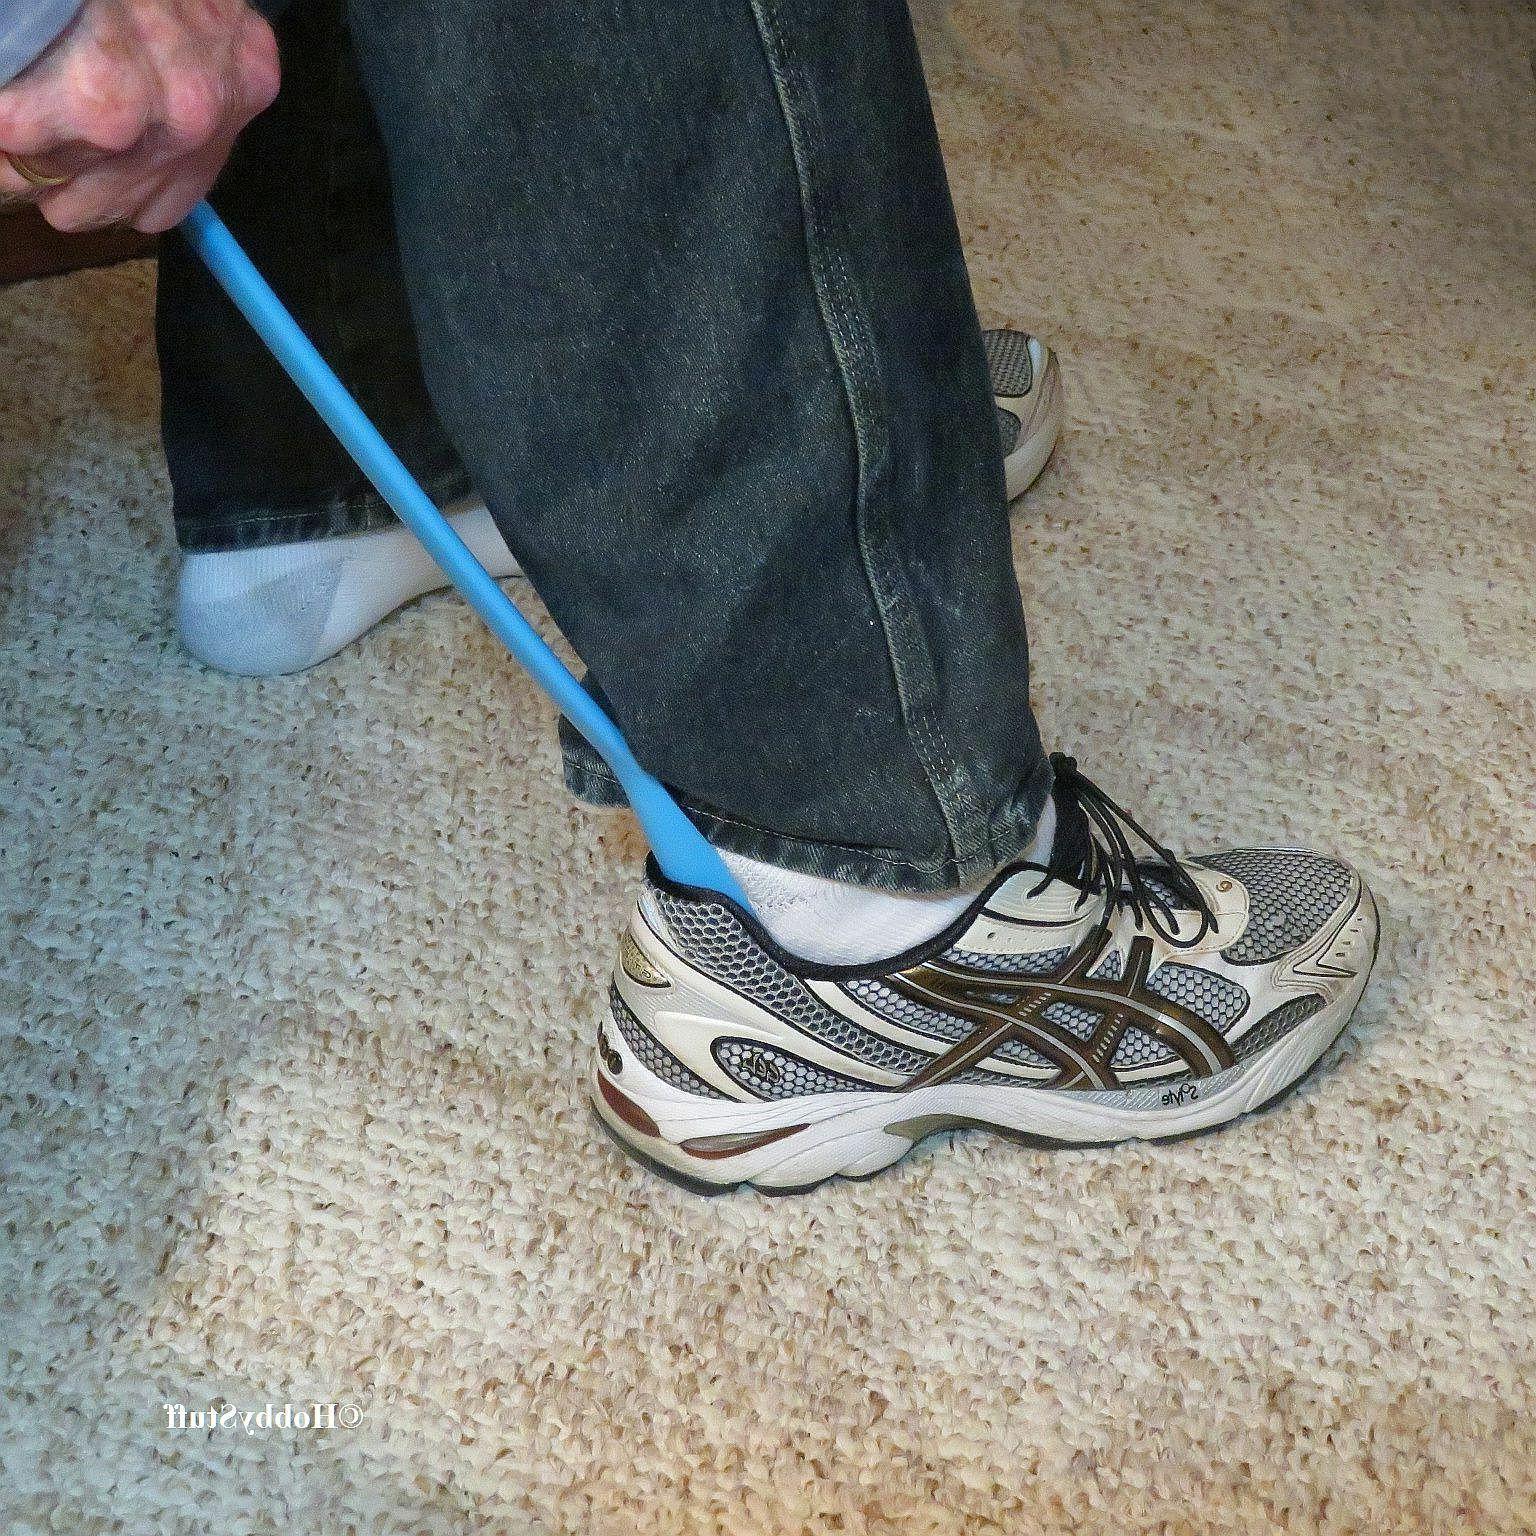 shoe horn back scratcher combo strong flexible